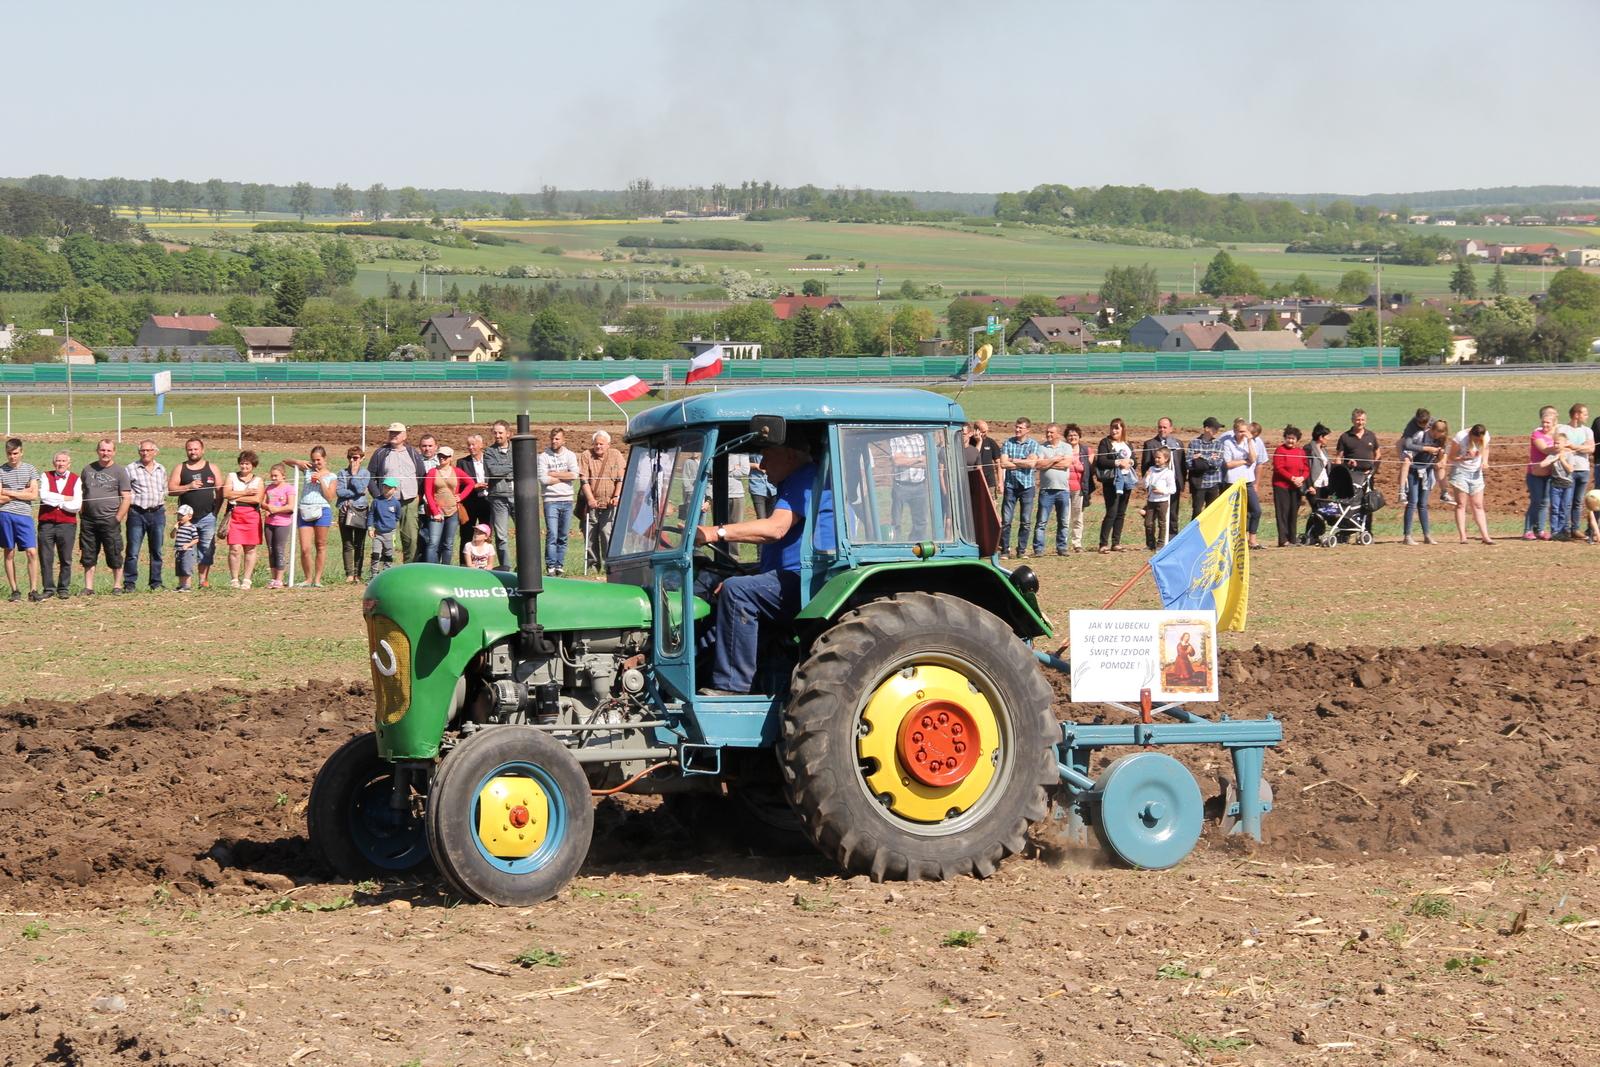 Lubecko zaprasza na pielgrzymkę rolników, konkurs orki zabytkowymi traktorami i rodzinne świętowanie [fot. przesłane przez Stowarzyszenie Rozwoju Wsi Lubecko]